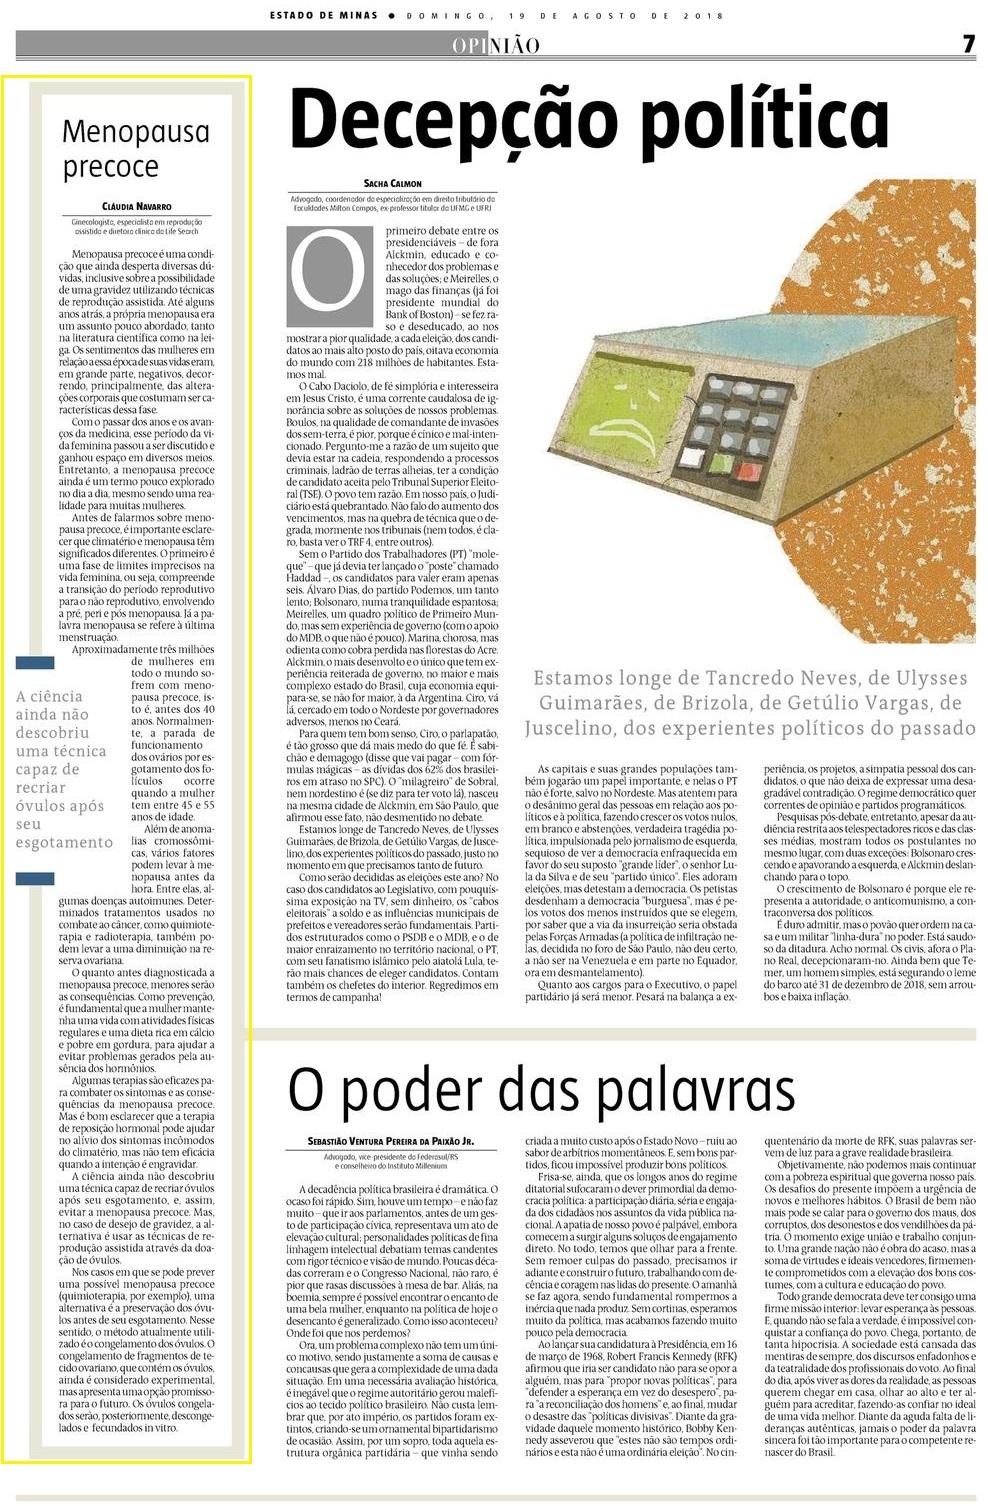 """Jornal Estado de Minas – Caderno """"Opinião"""" (impresso e site) – Artigo – Menopausa precoce: entenda o que acontece com o corpo"""